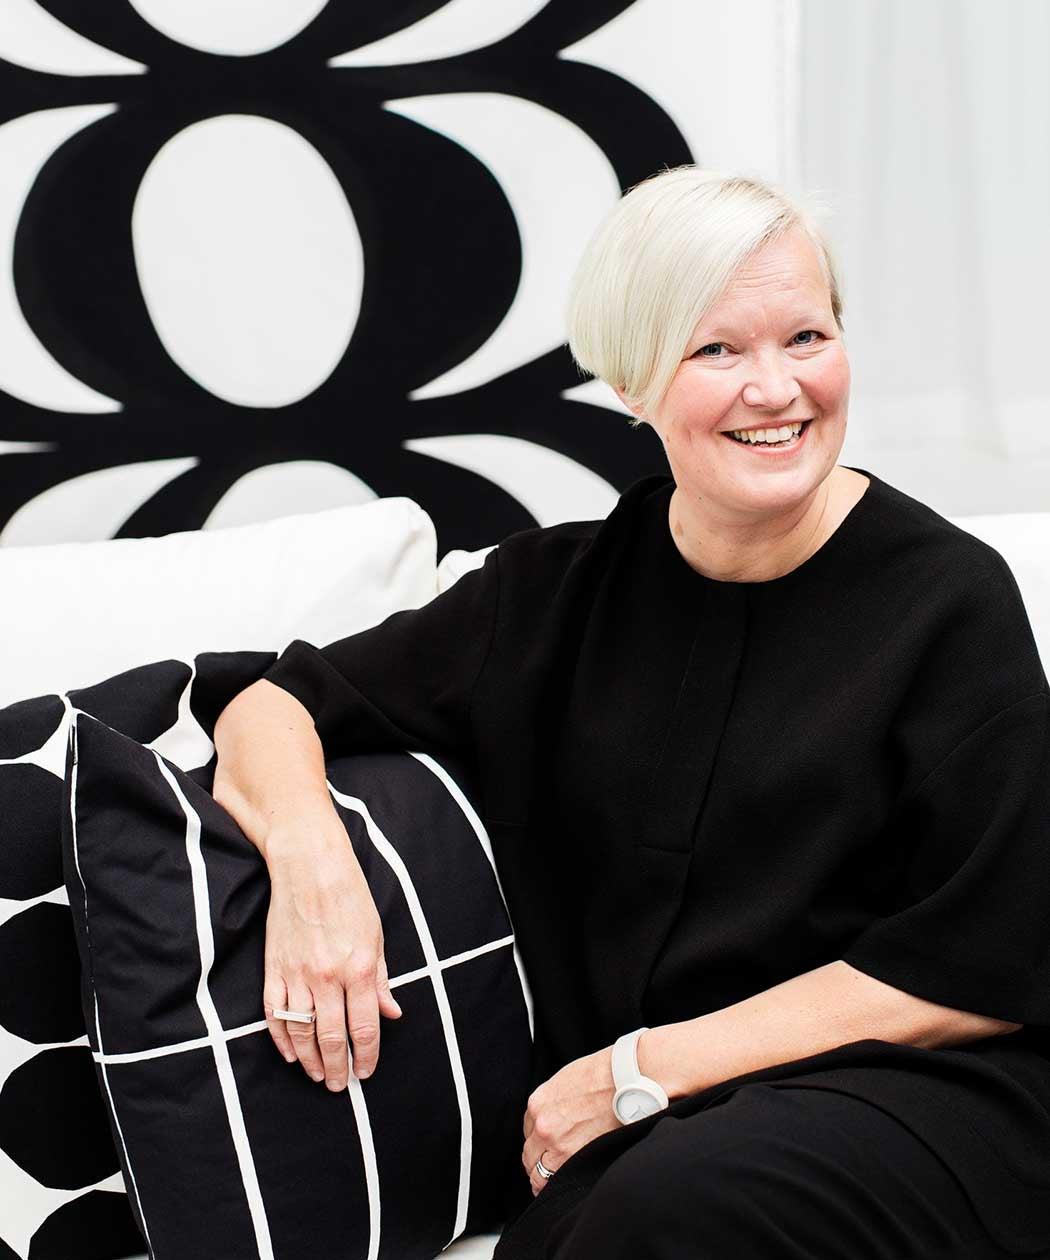 Kuviosuunnittelu- ja tuotekehitysjohtaja Minna Kemell-Kutvonen